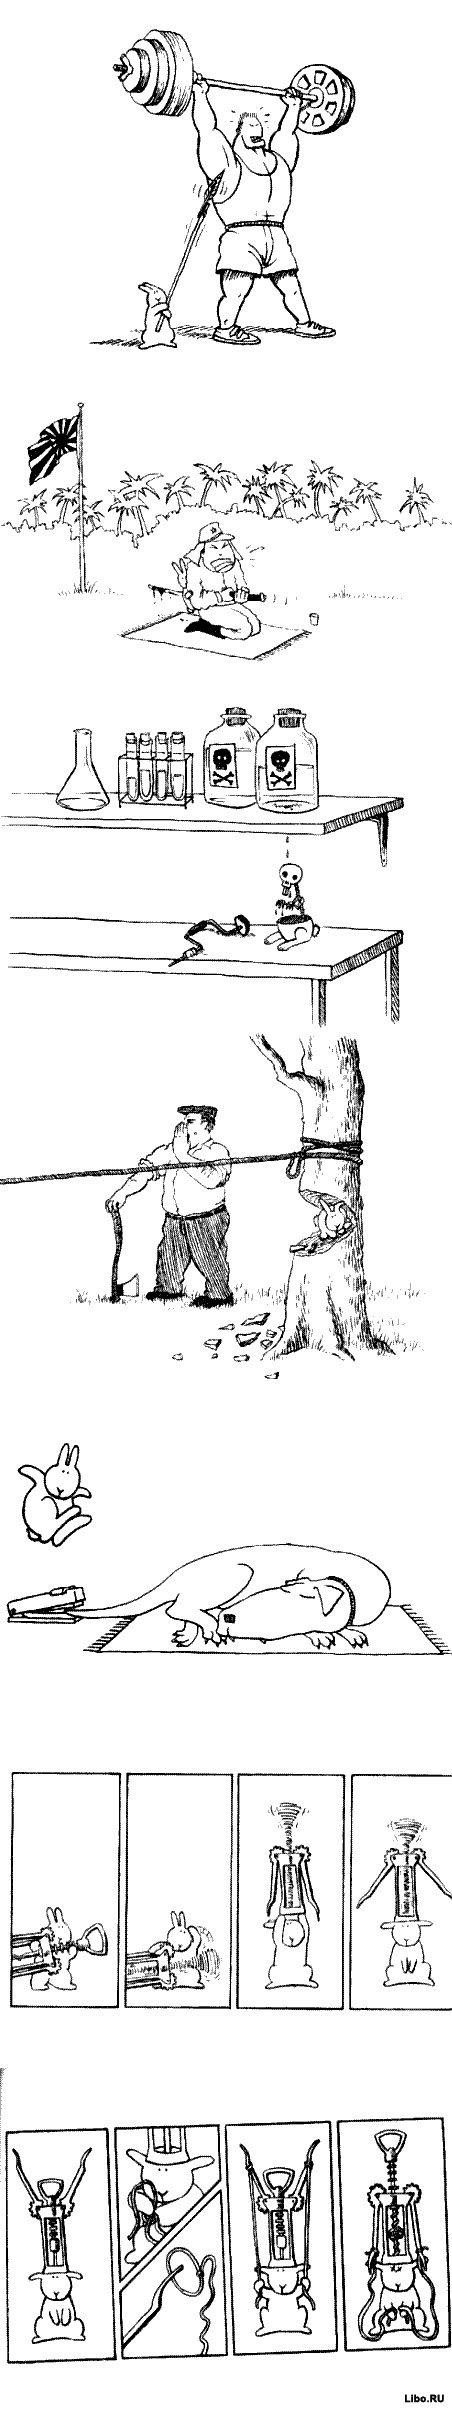 Способы самоубийства зайцев